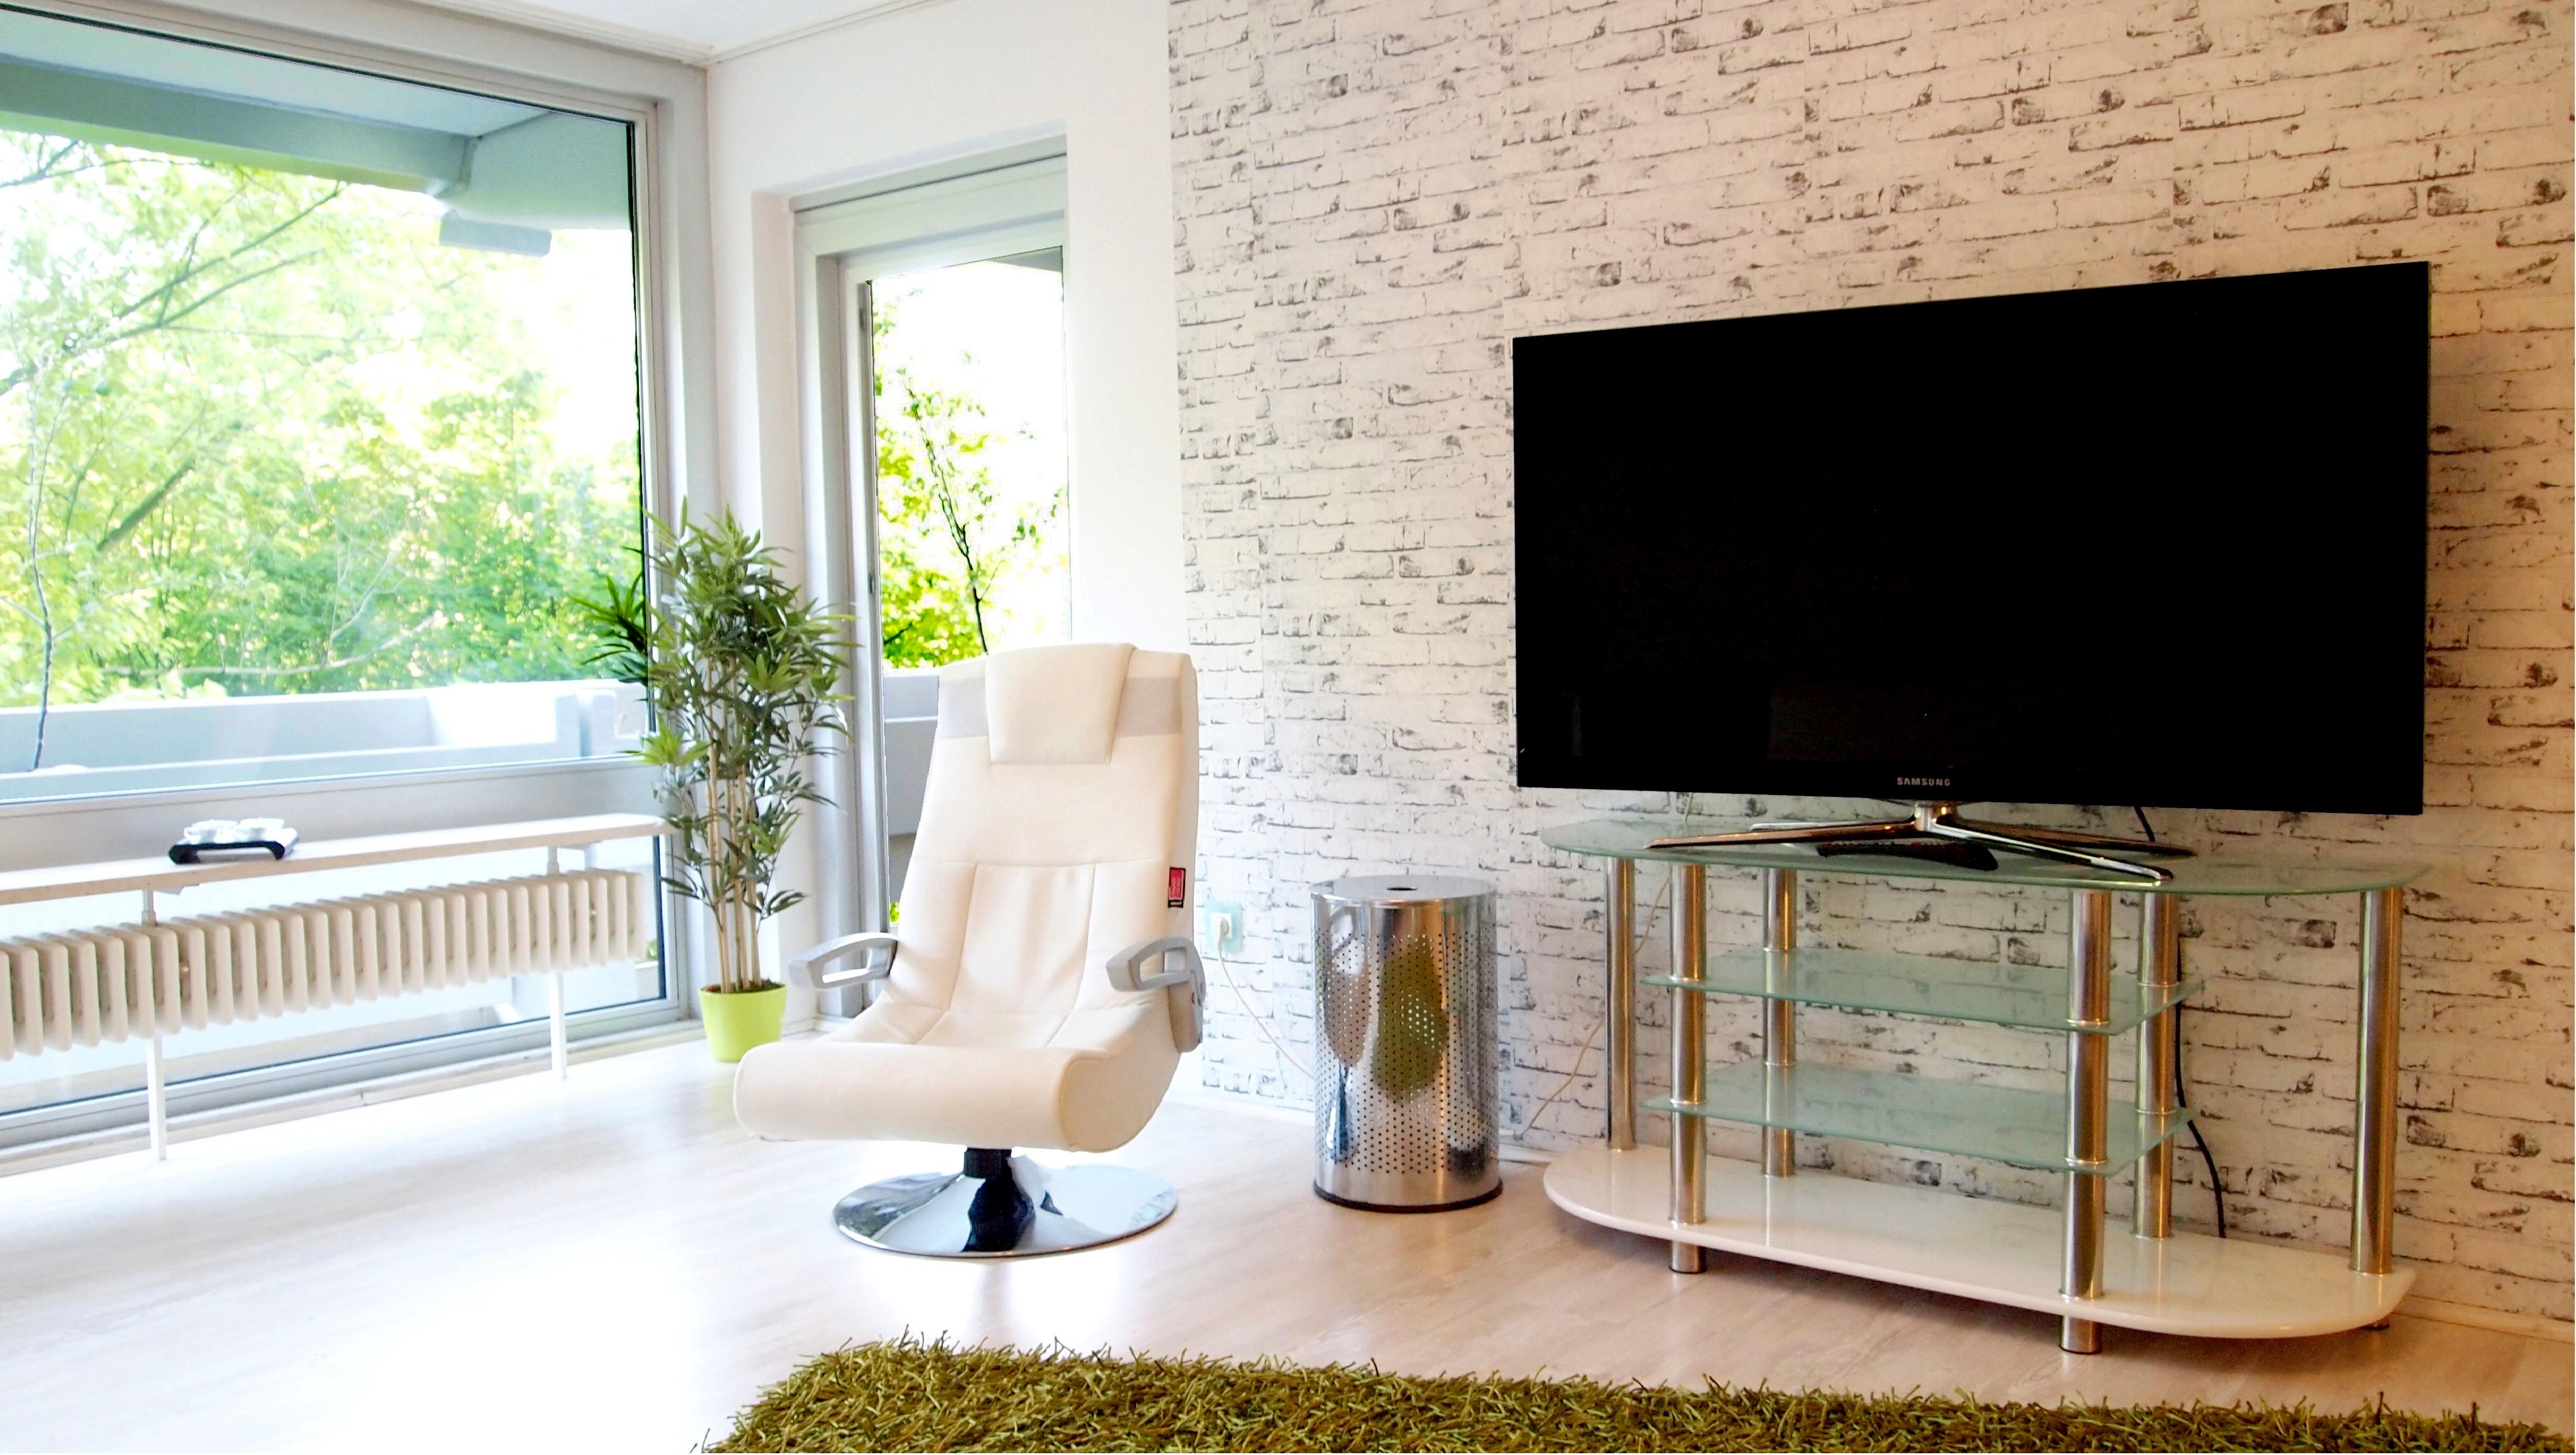 Möblierte Wohnung 80993 München Moosach Butschal Immobilien